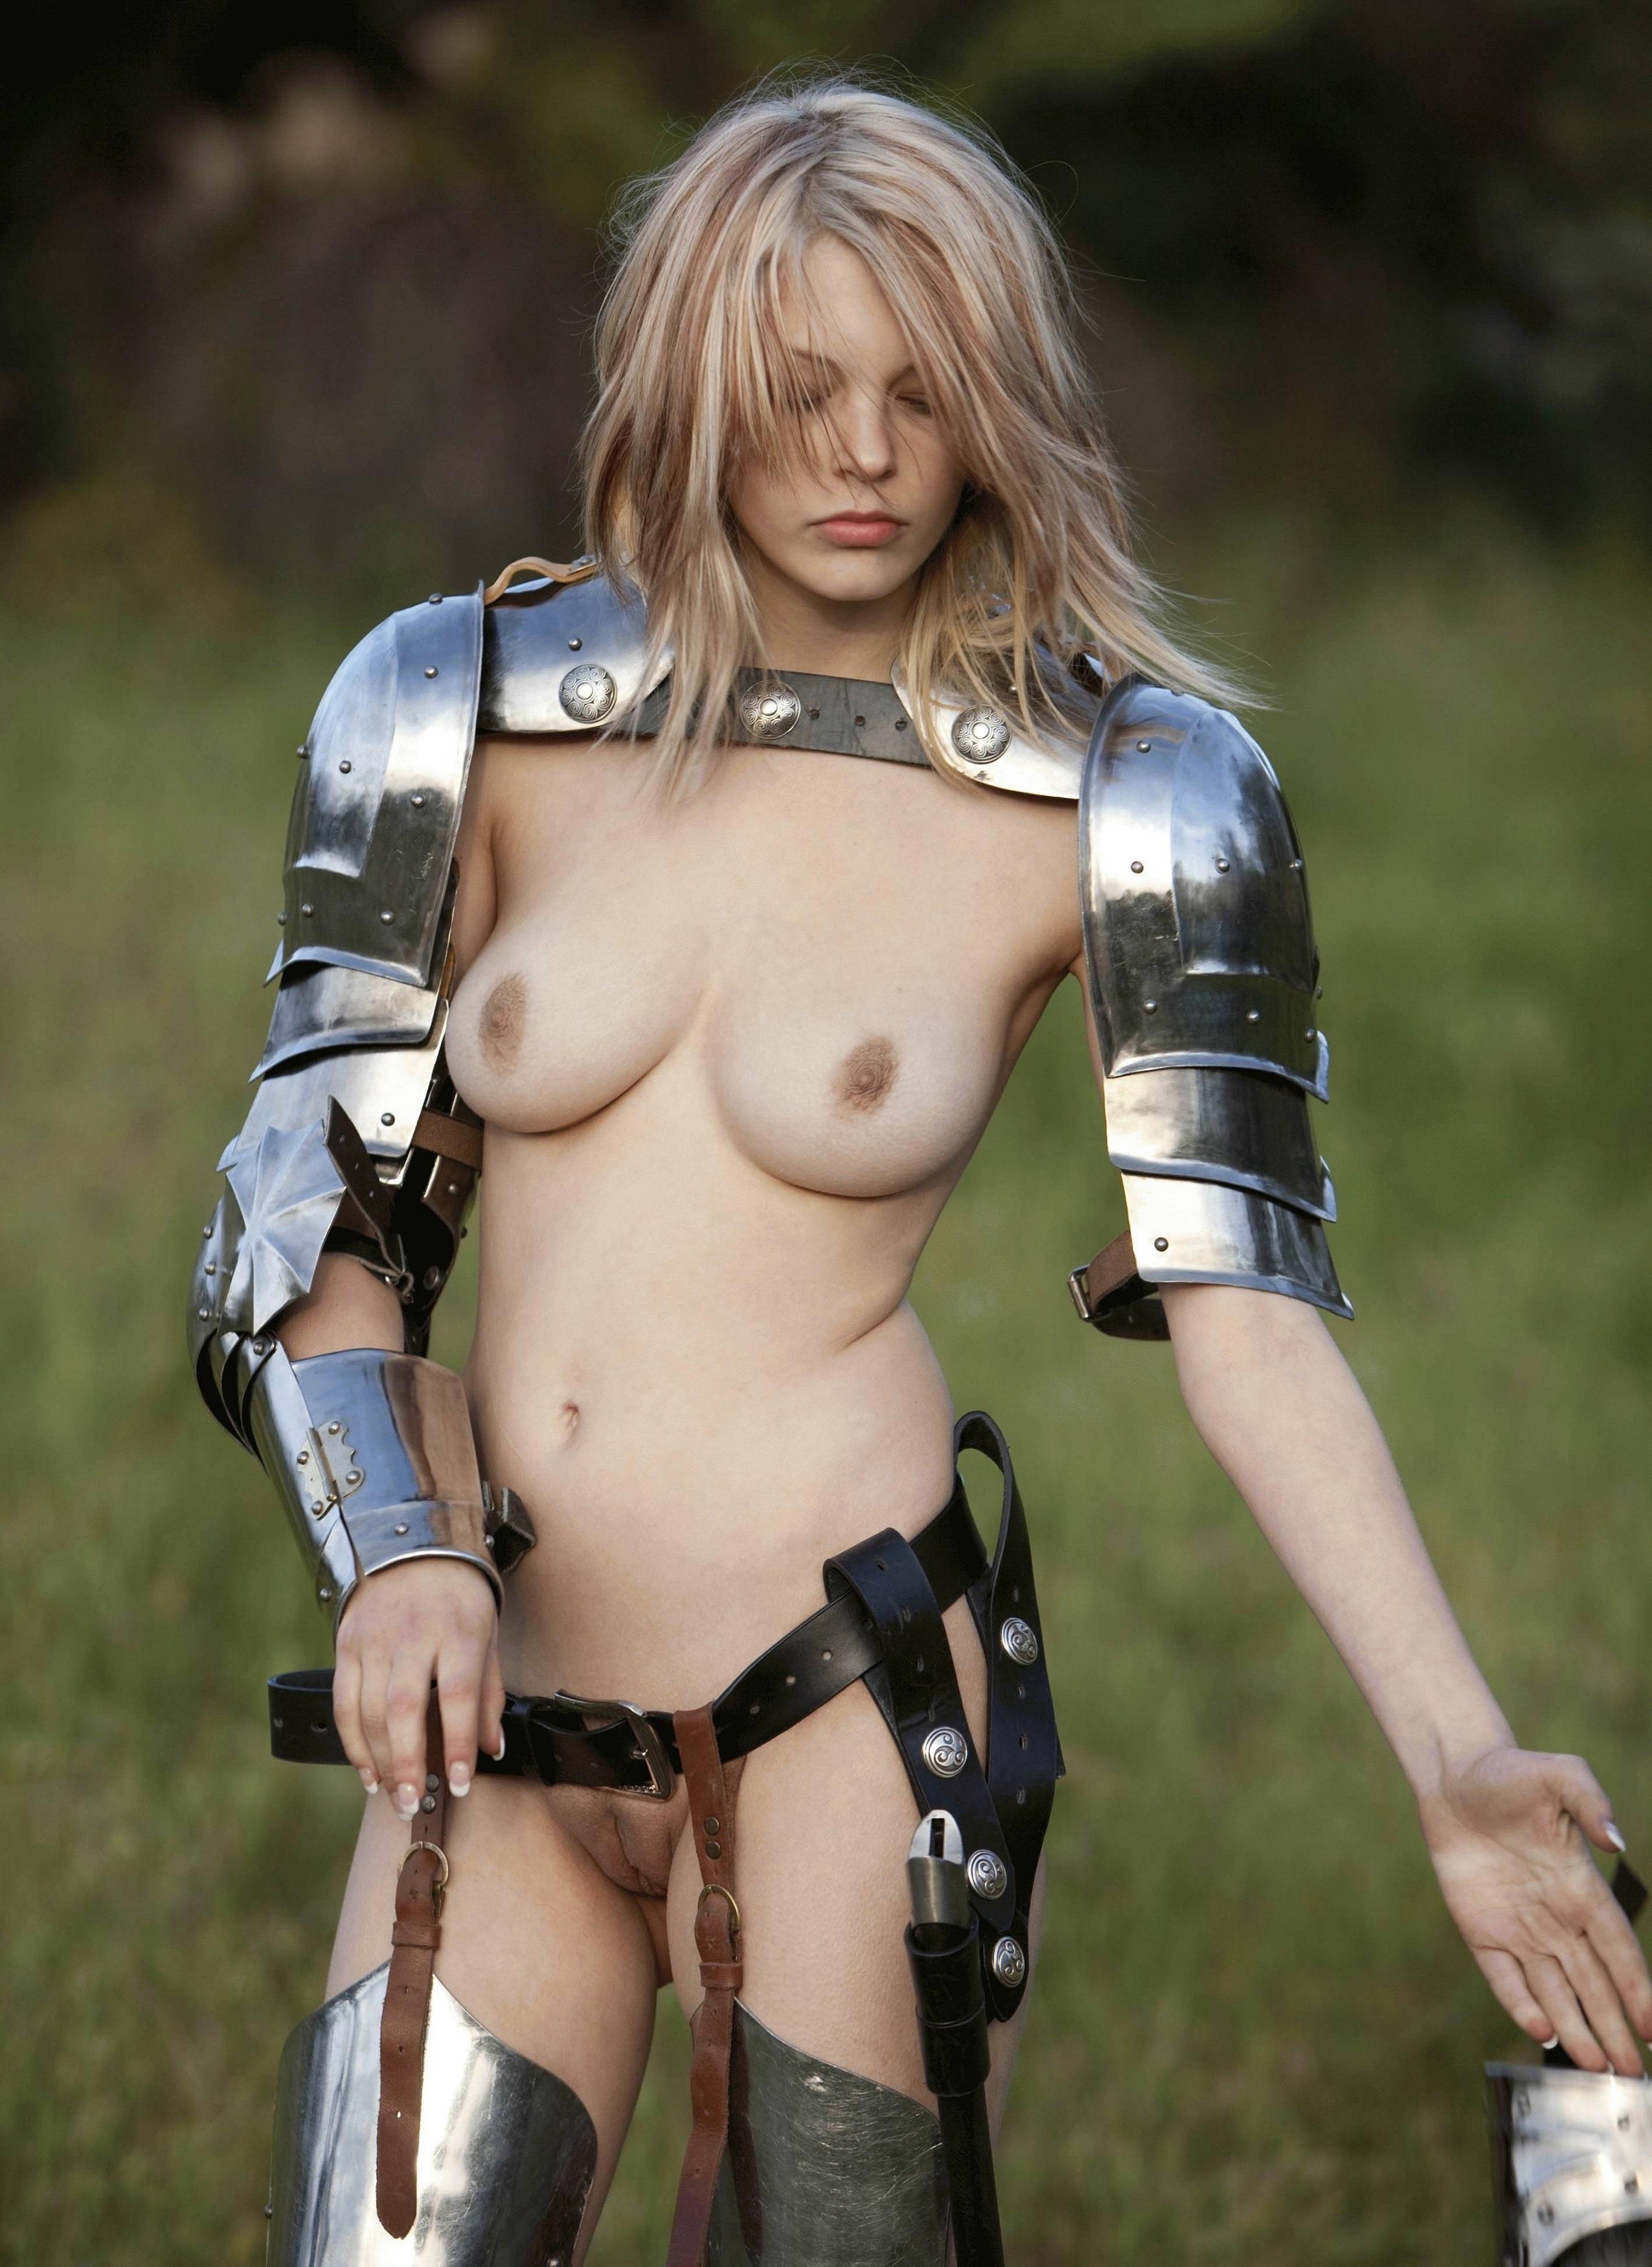 Порно девушки в доспехах фото — pic 14